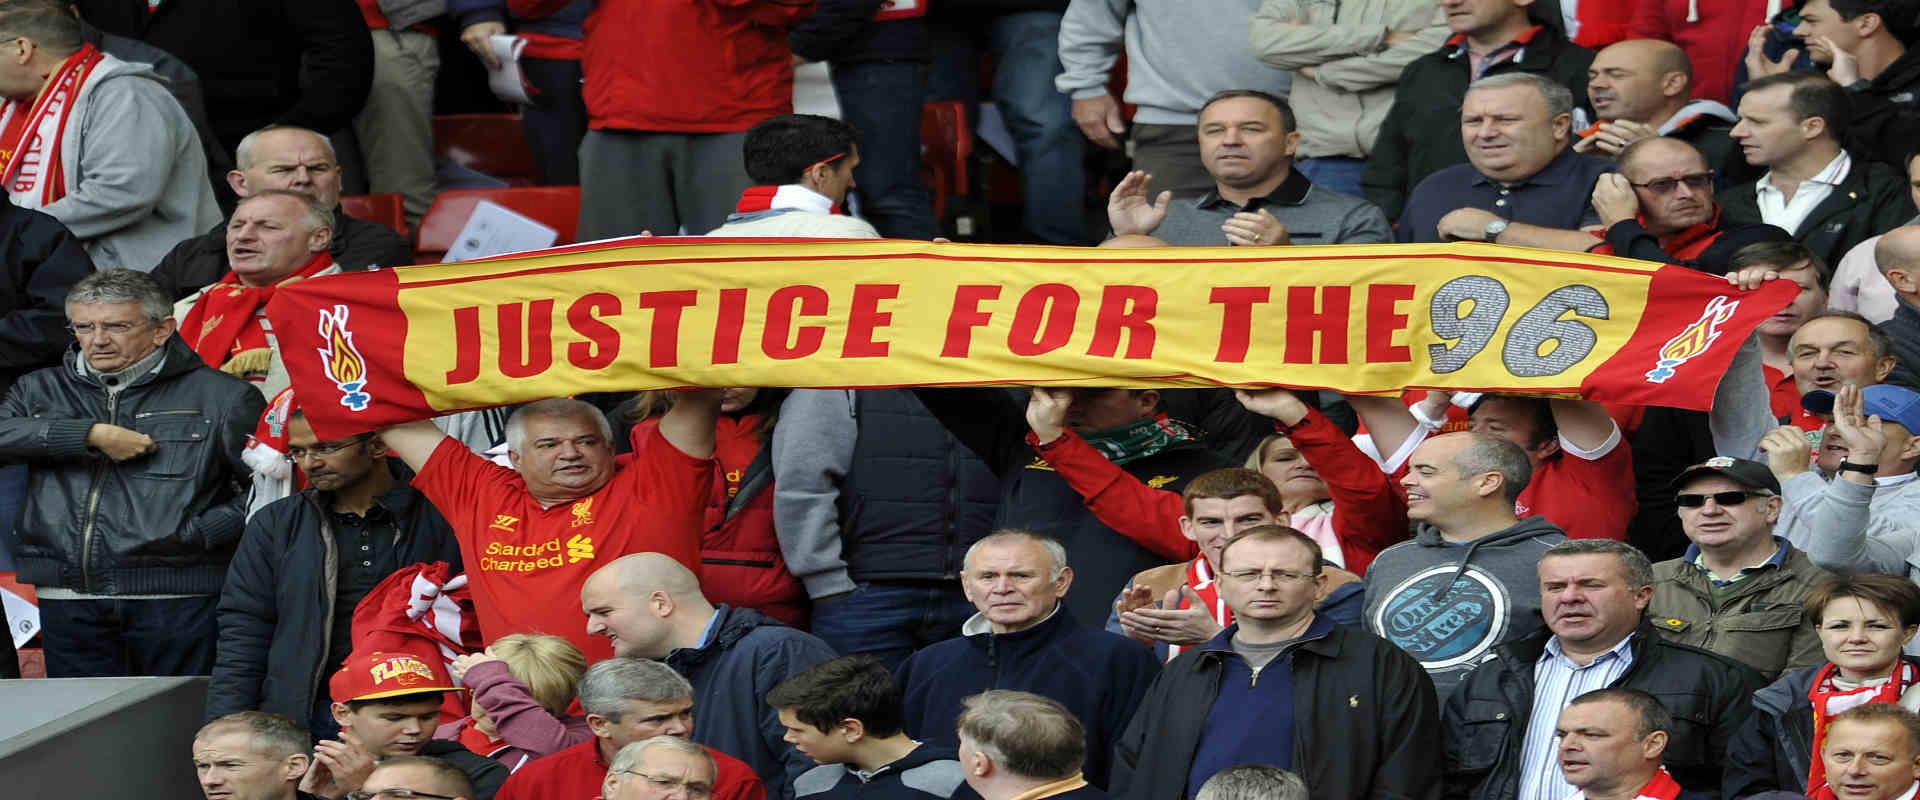 אוהדי ליברפול עם צעיפים ועליהם מסר מחאה על אסון הי